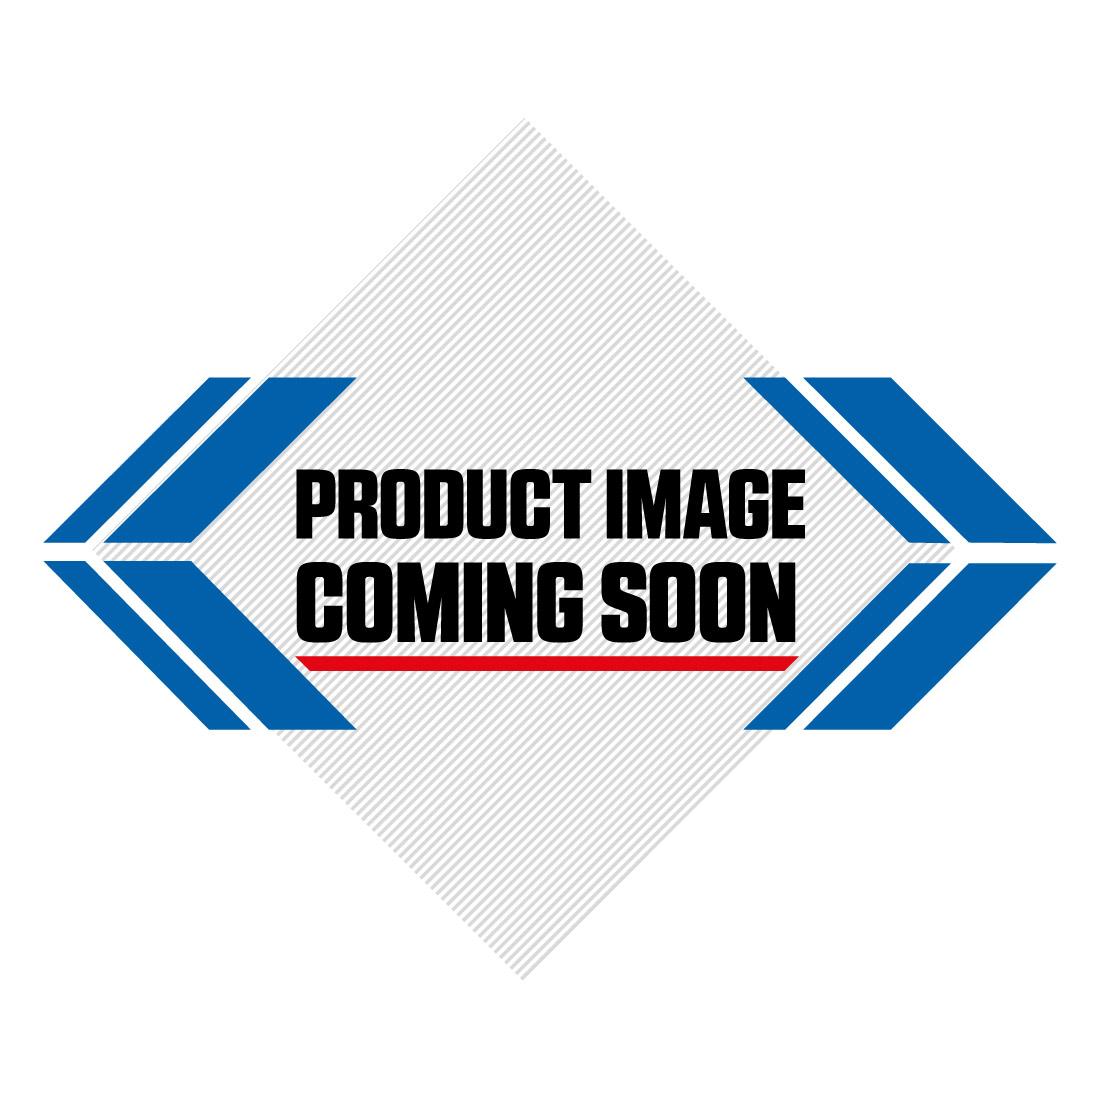 MDR Pro Bite Footpegs Yamaha YZ 85 (02-16) YZ 125/250 (97-16) YZF 250 (01-16) YZF 450 (03-16) WRF 250 (01-16) WRF (01-11)